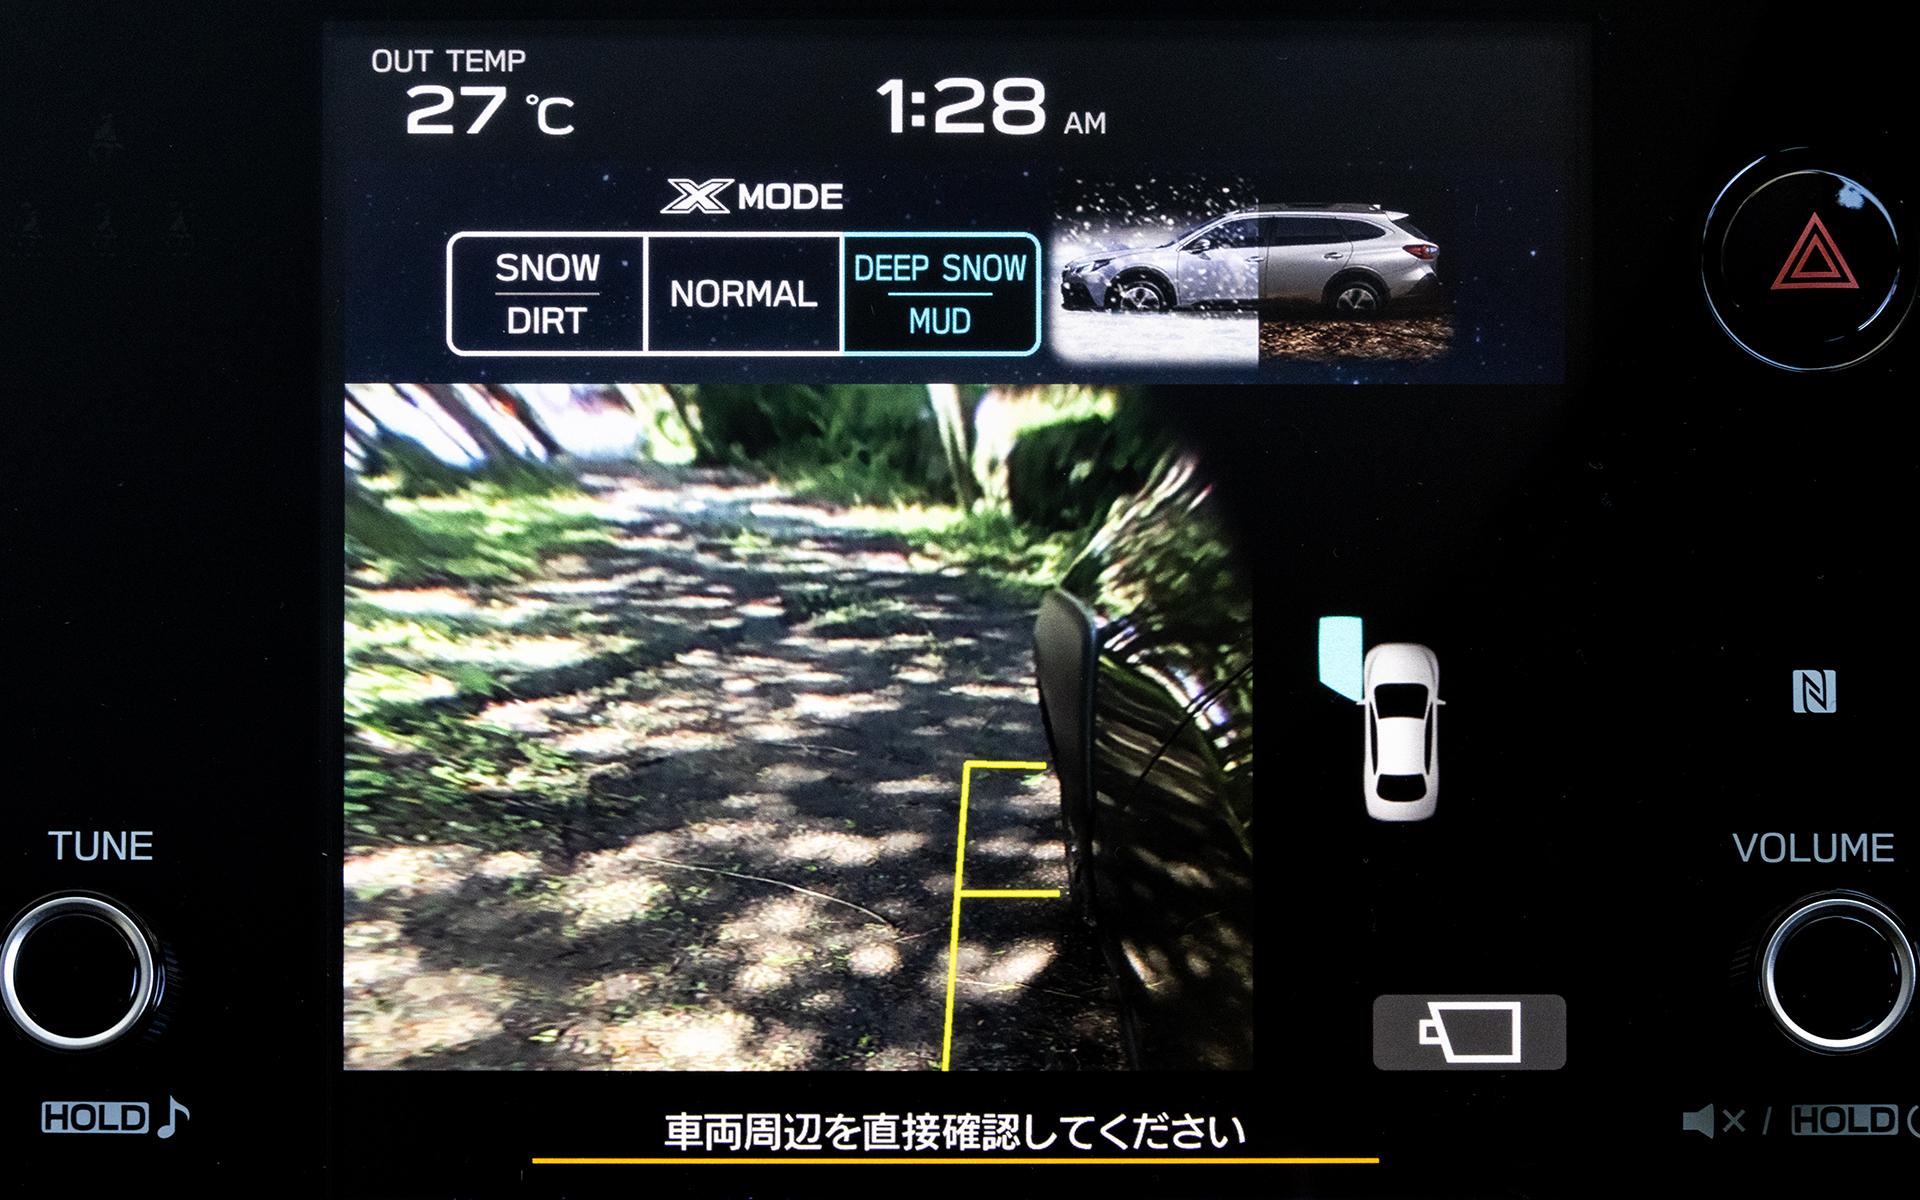 カメラ表示時にもXモードの切り替えが可能